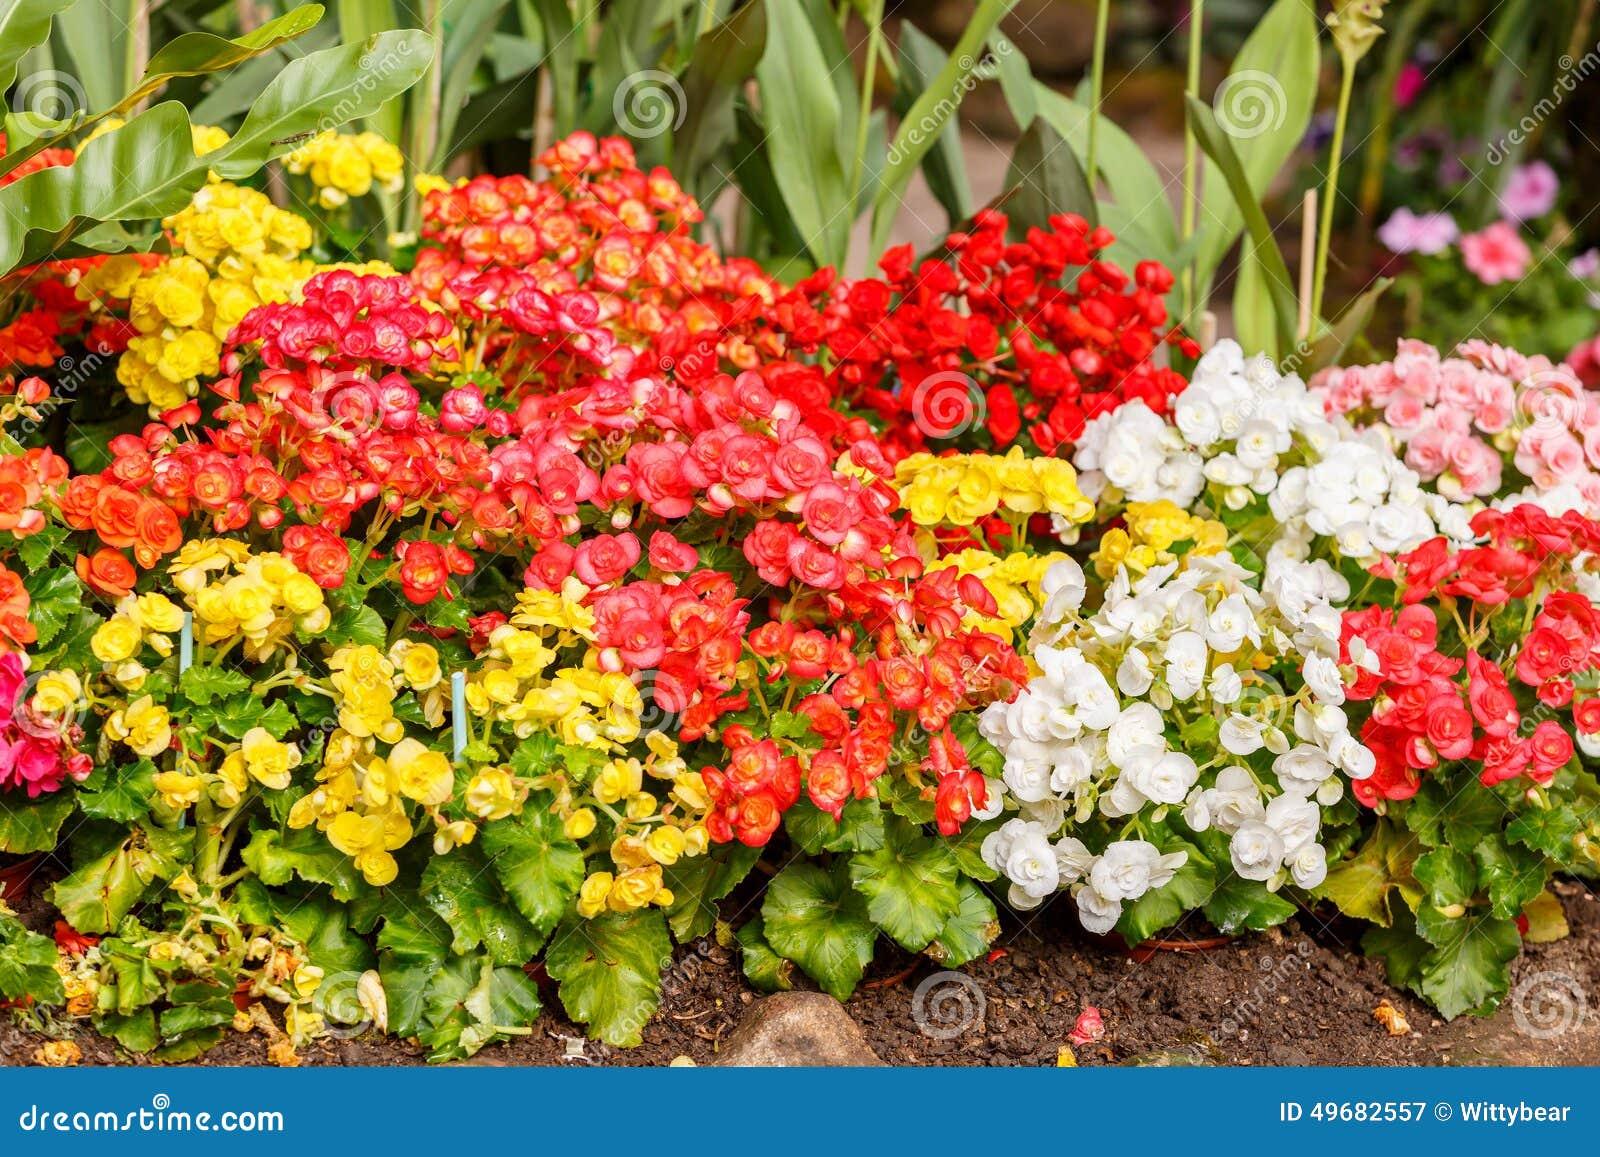 Favoritos Flor Pequena Colorida Da Flor No Jardim Imagem de Stock - Imagem  ZN36